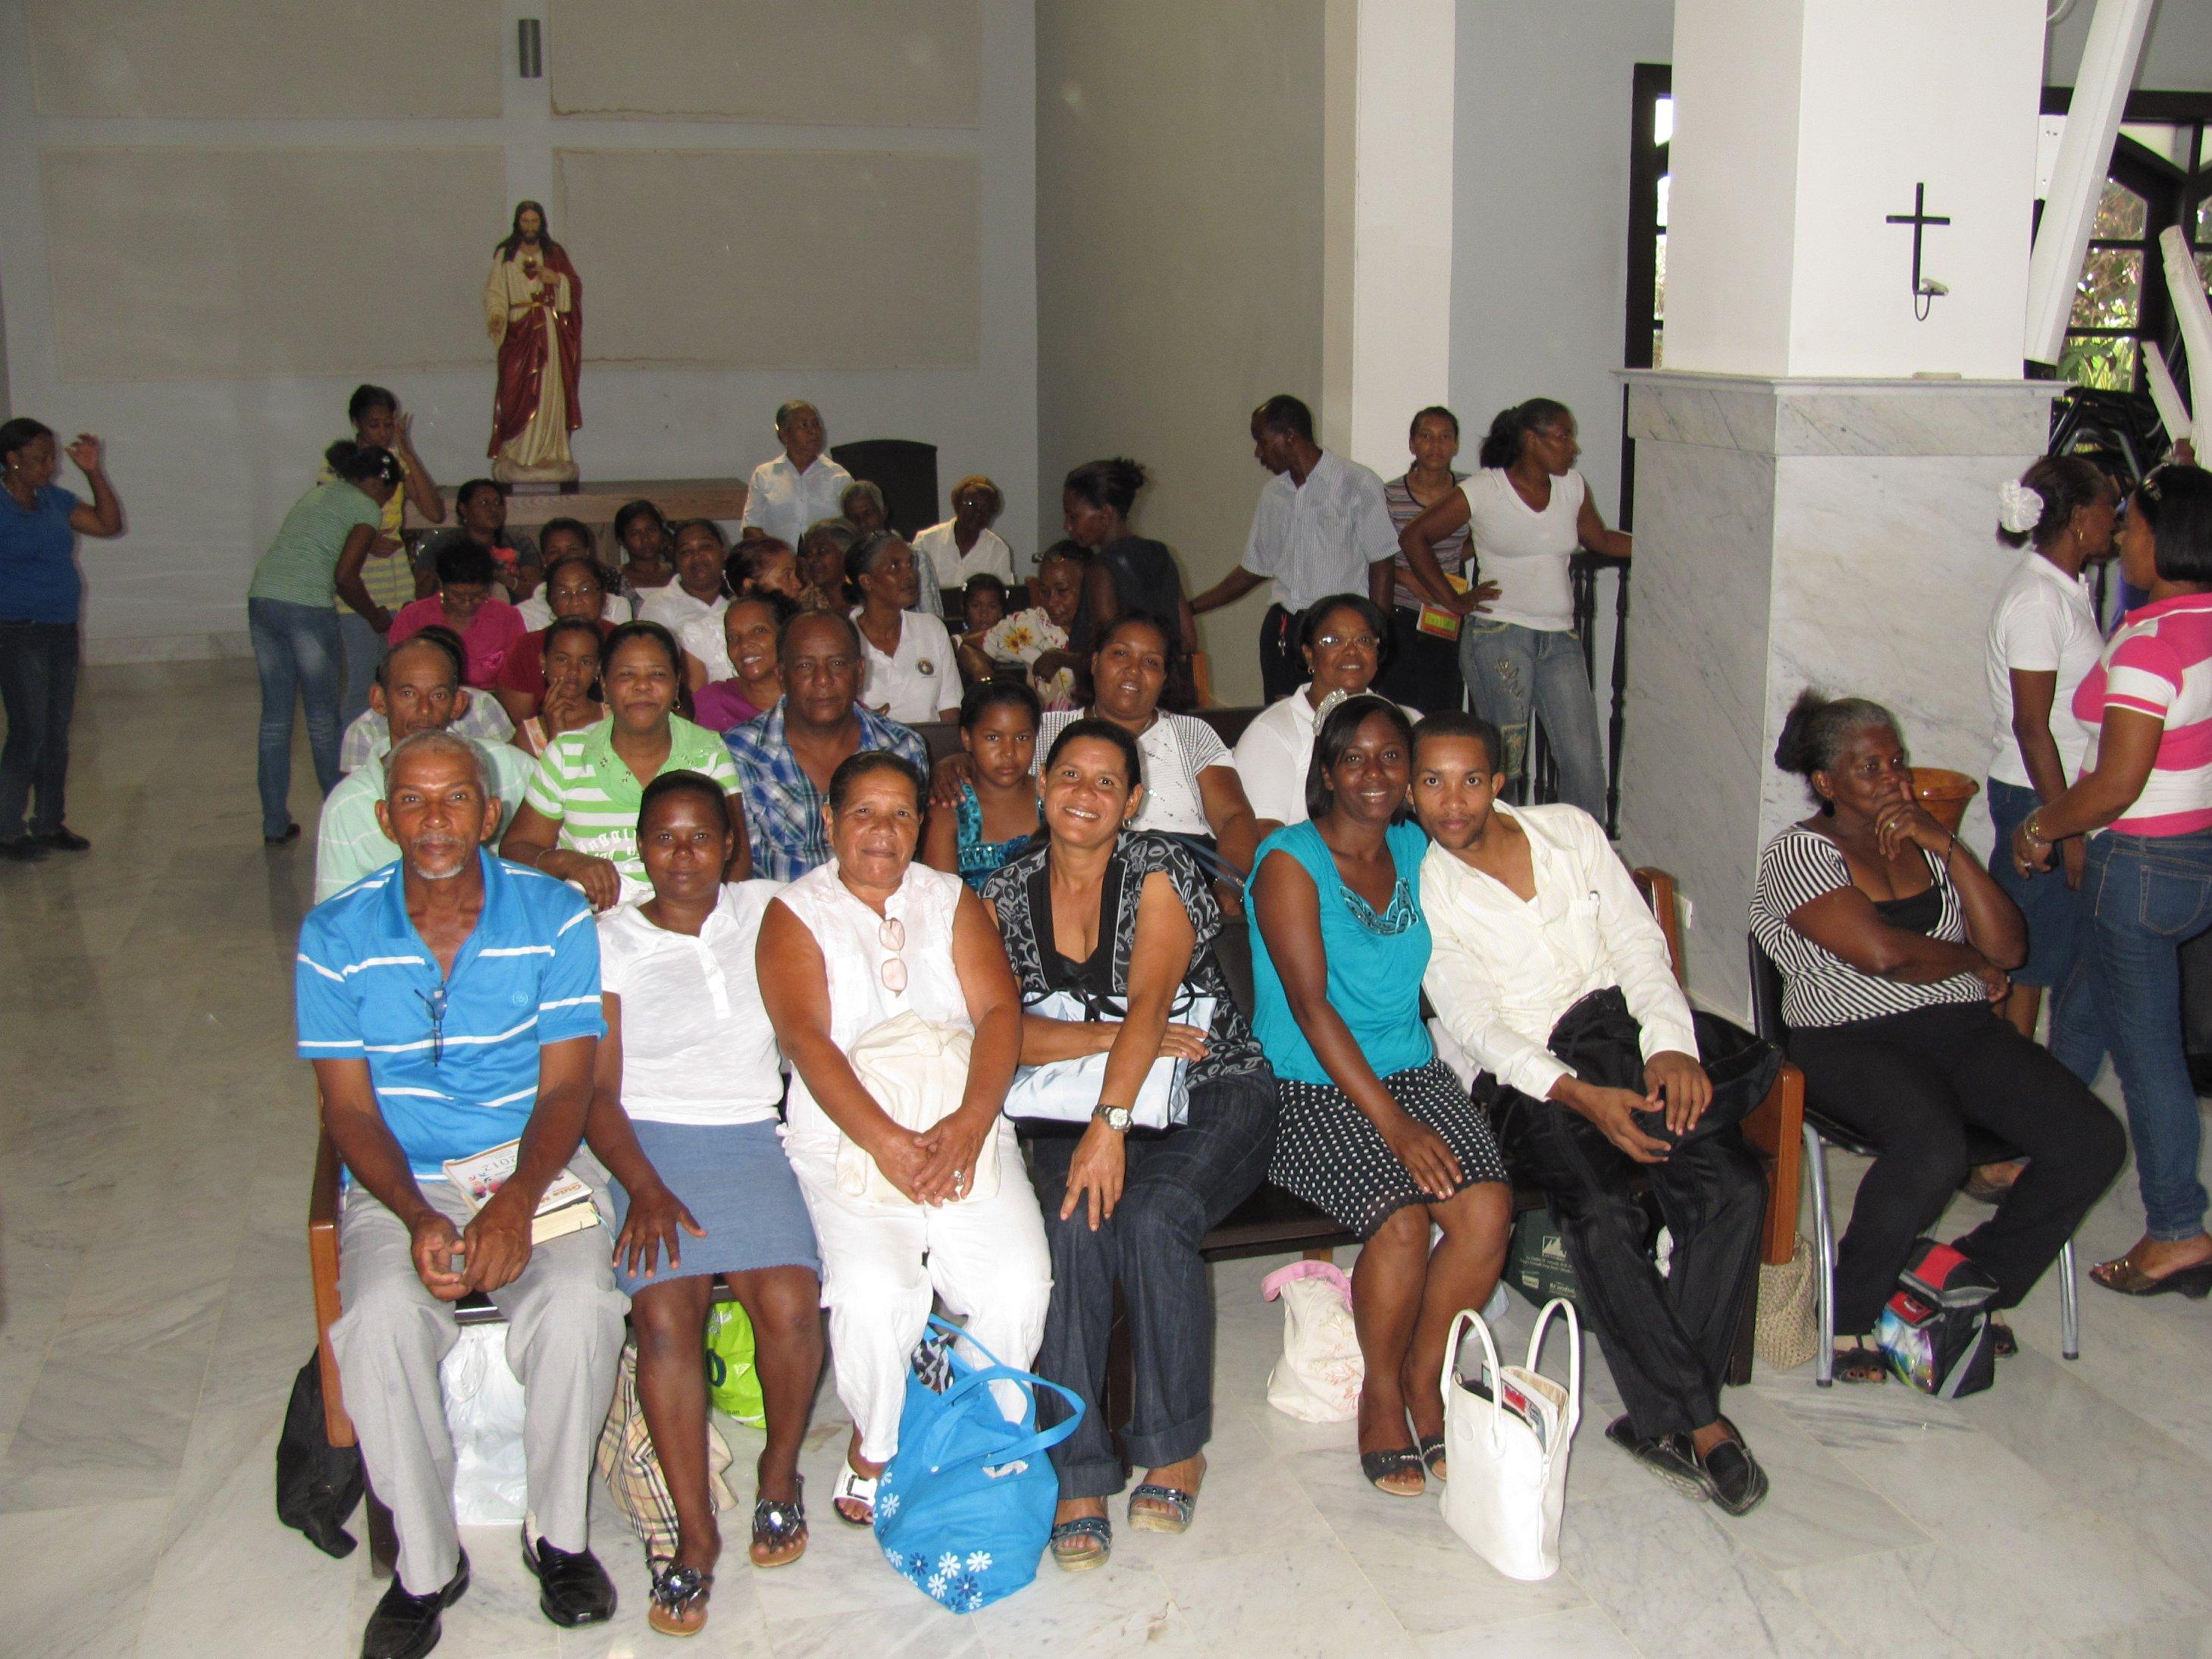 guaricano_convivencia_2012-06-24-10-08-09